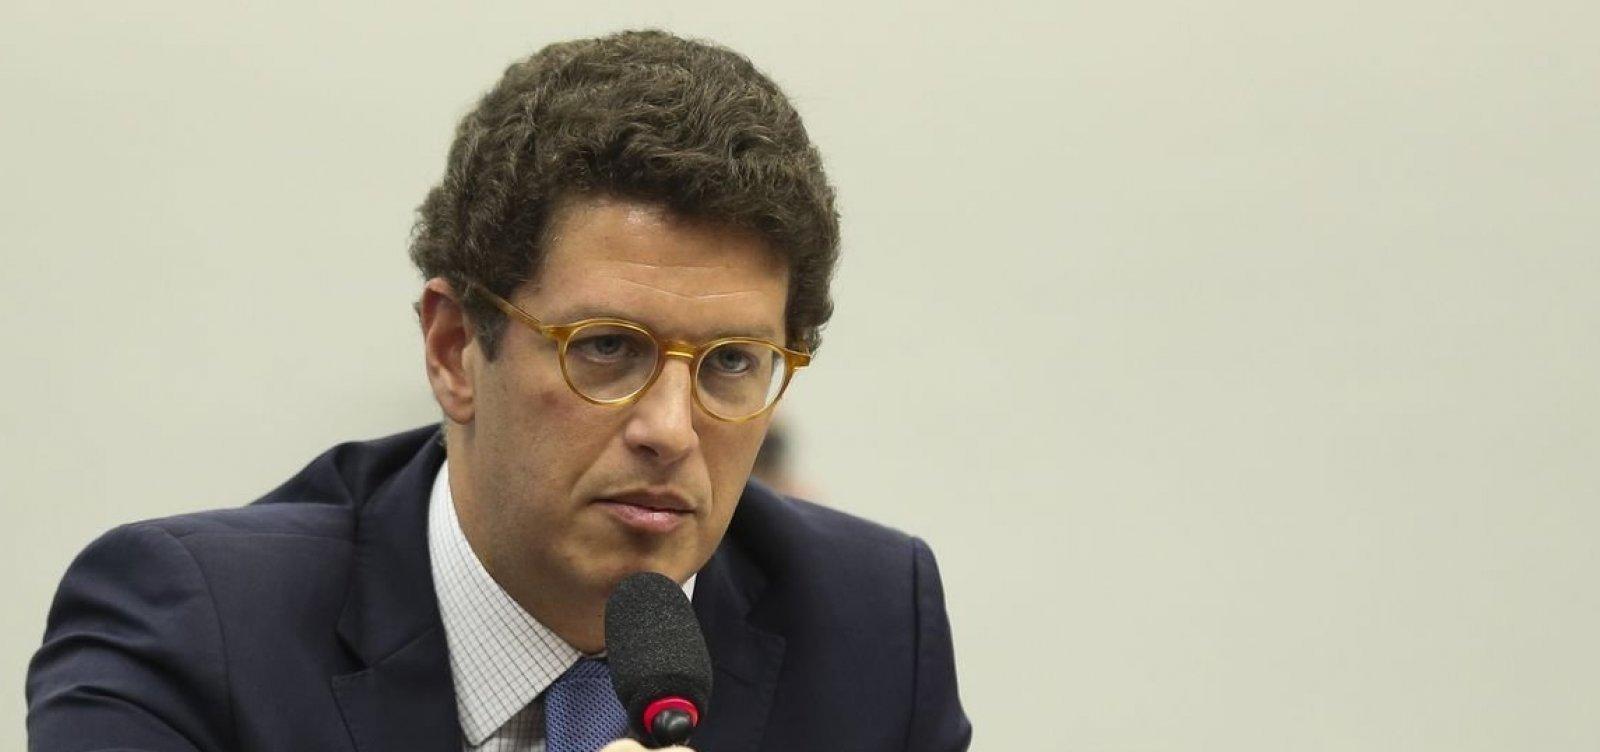 """Ambientalista não prevê melhoria com troca, mas comemora saída de Salles: """"Foi o pior ministro"""""""